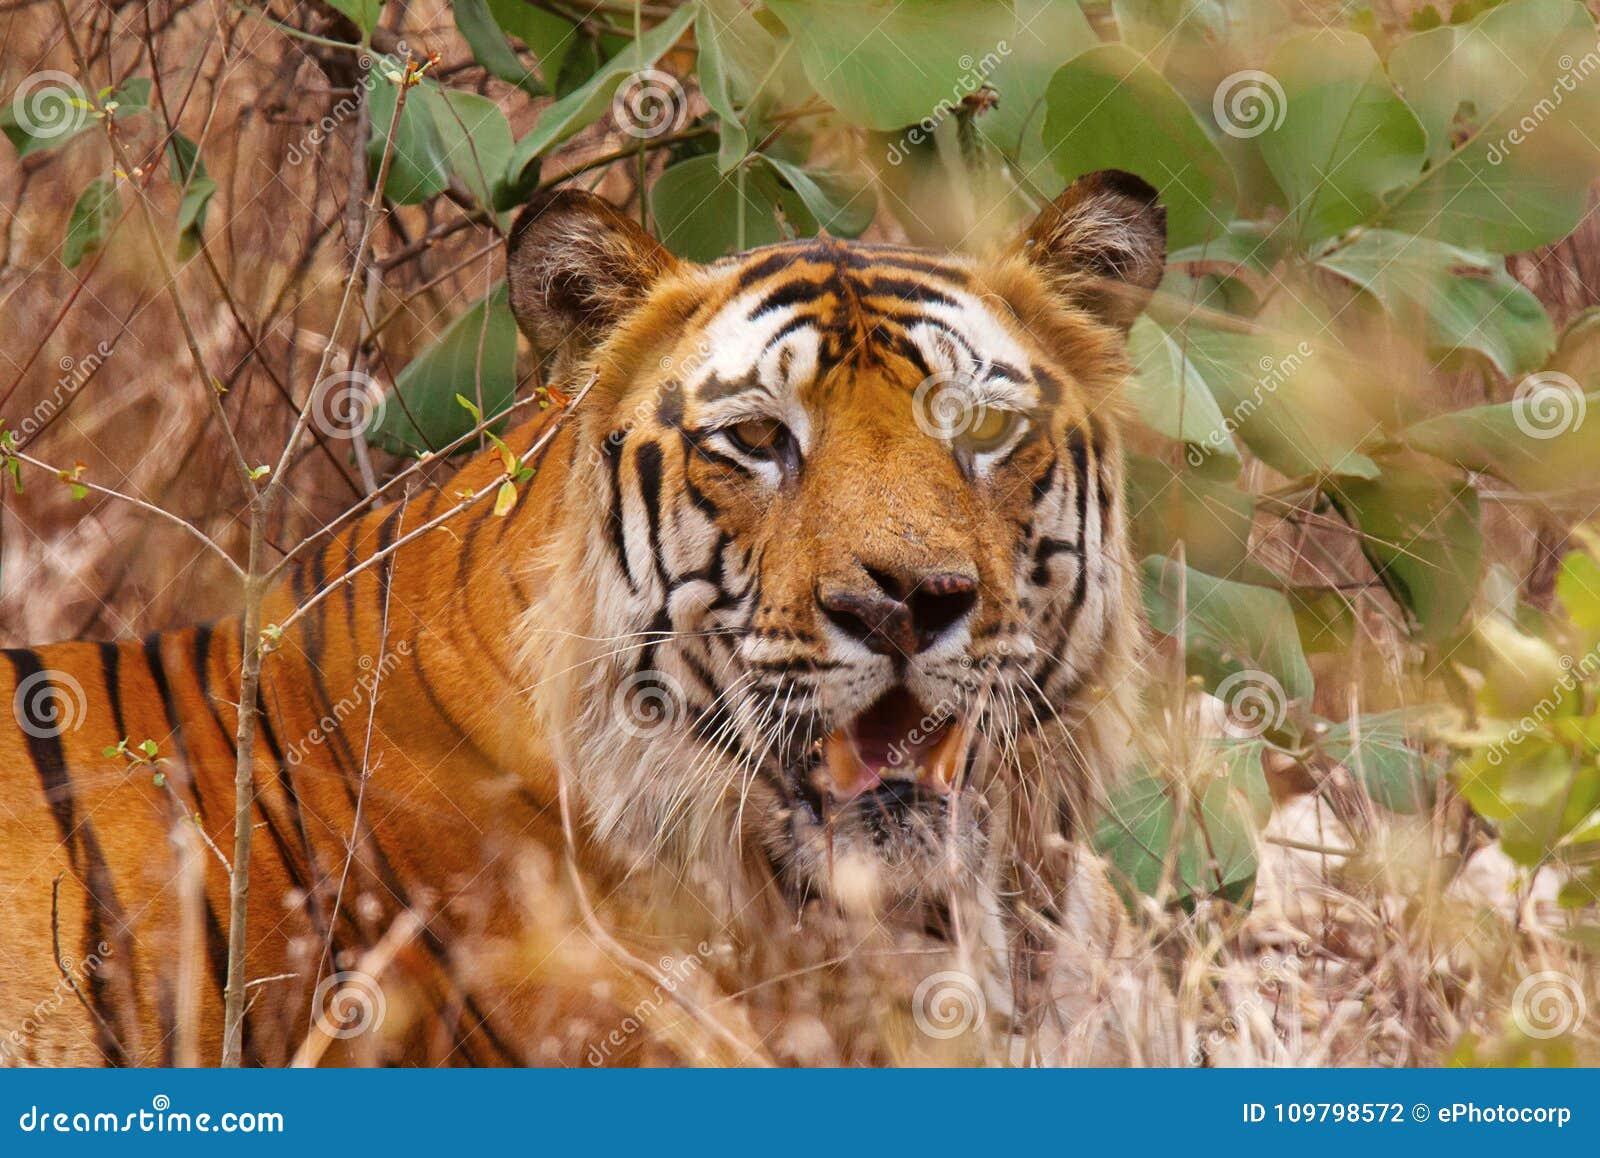 老虎Bamera,豹属底格里斯河, Bandhavgrh老虎储备